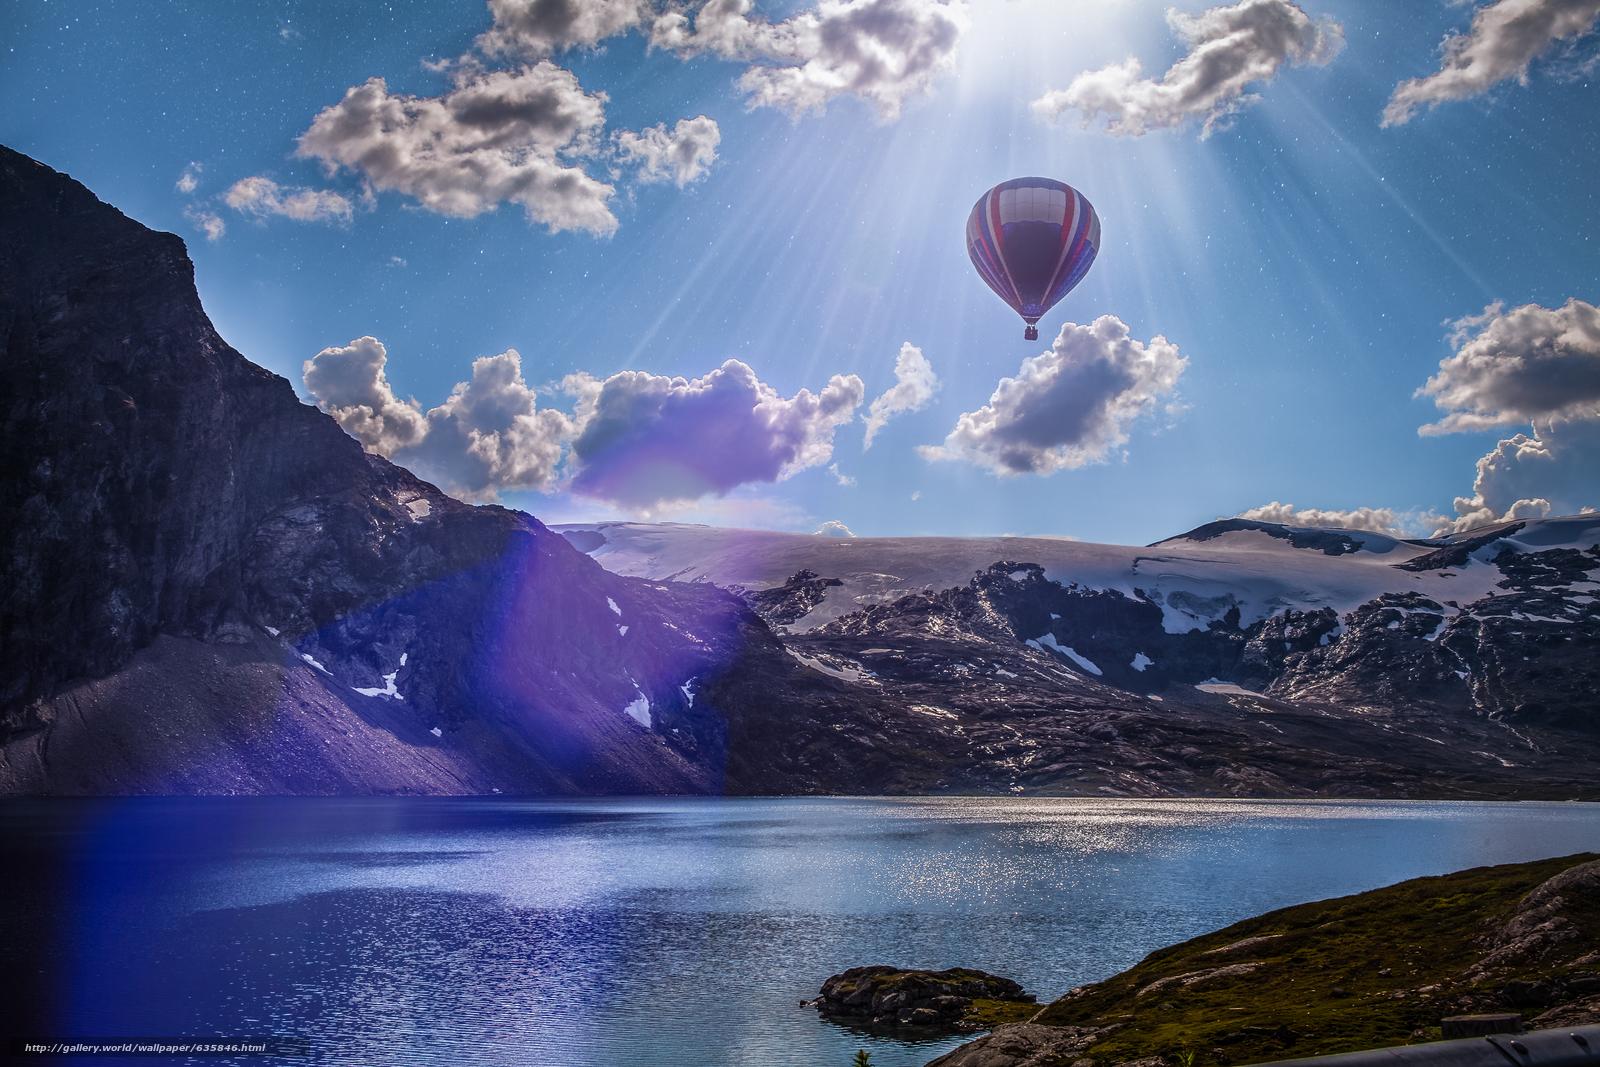 Скачать обои озеро,  горы,  воздушный шар,  пейзаж бесплатно для рабочего стола в разрешении 5616x3744 — картинка №635846